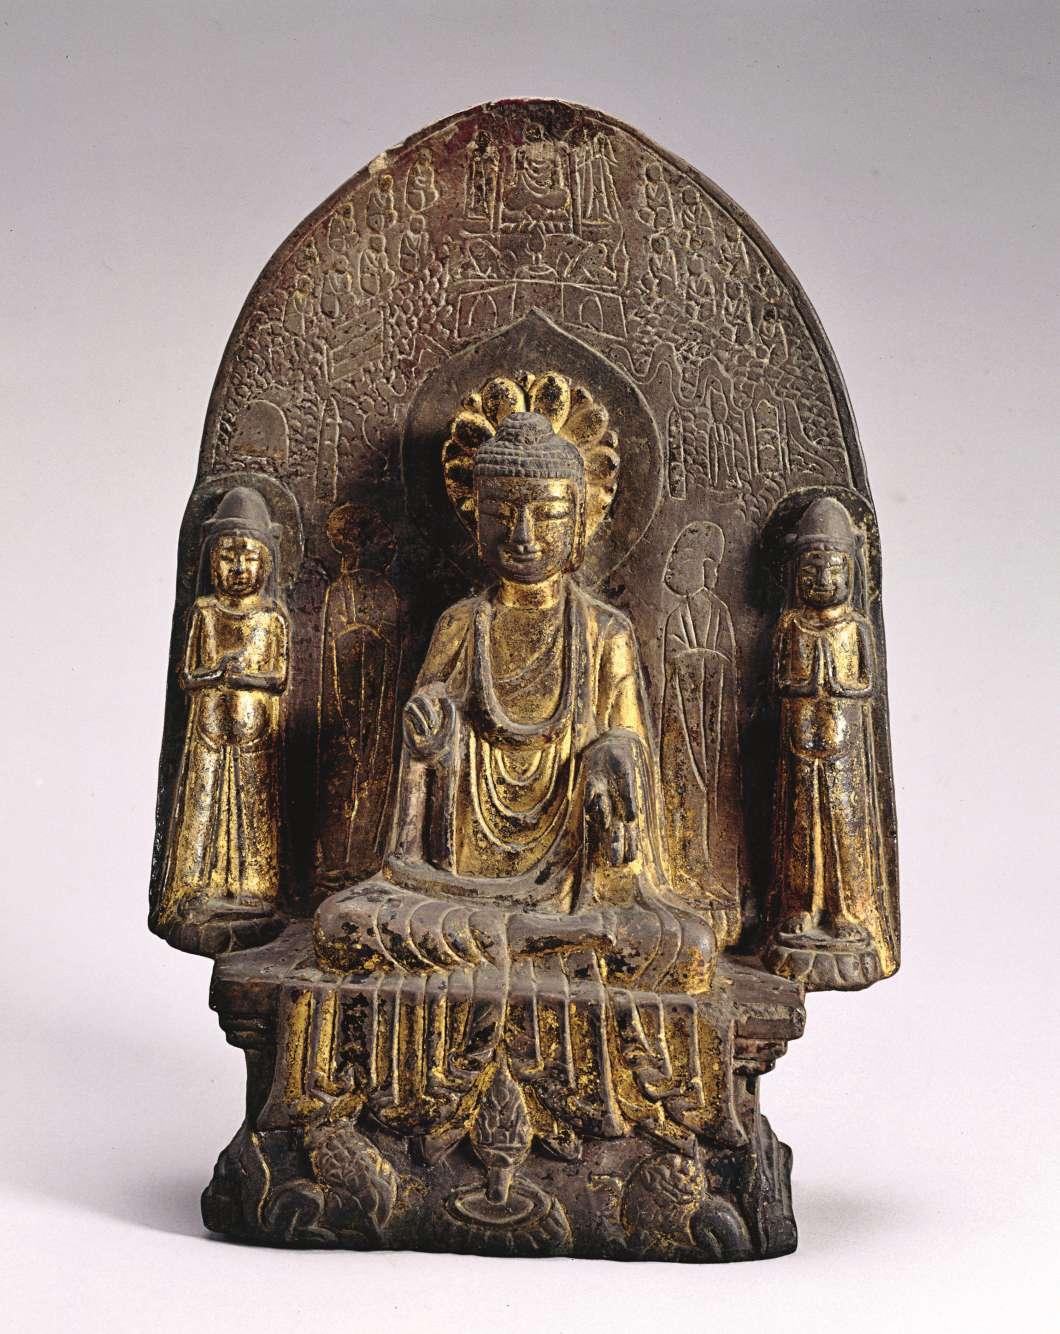 «L'arrivée du bouddhisme en Chine transforme la culture du parfum. Sur cette stèle figurent cinq personnages – un bouddha, deux disciples et deux bodhisattva. Au pied du bouddha se trouve un brûle-parfum : son corps et son couvercle ont la forme d'une fleur de lotus sur le point d'éclore.»